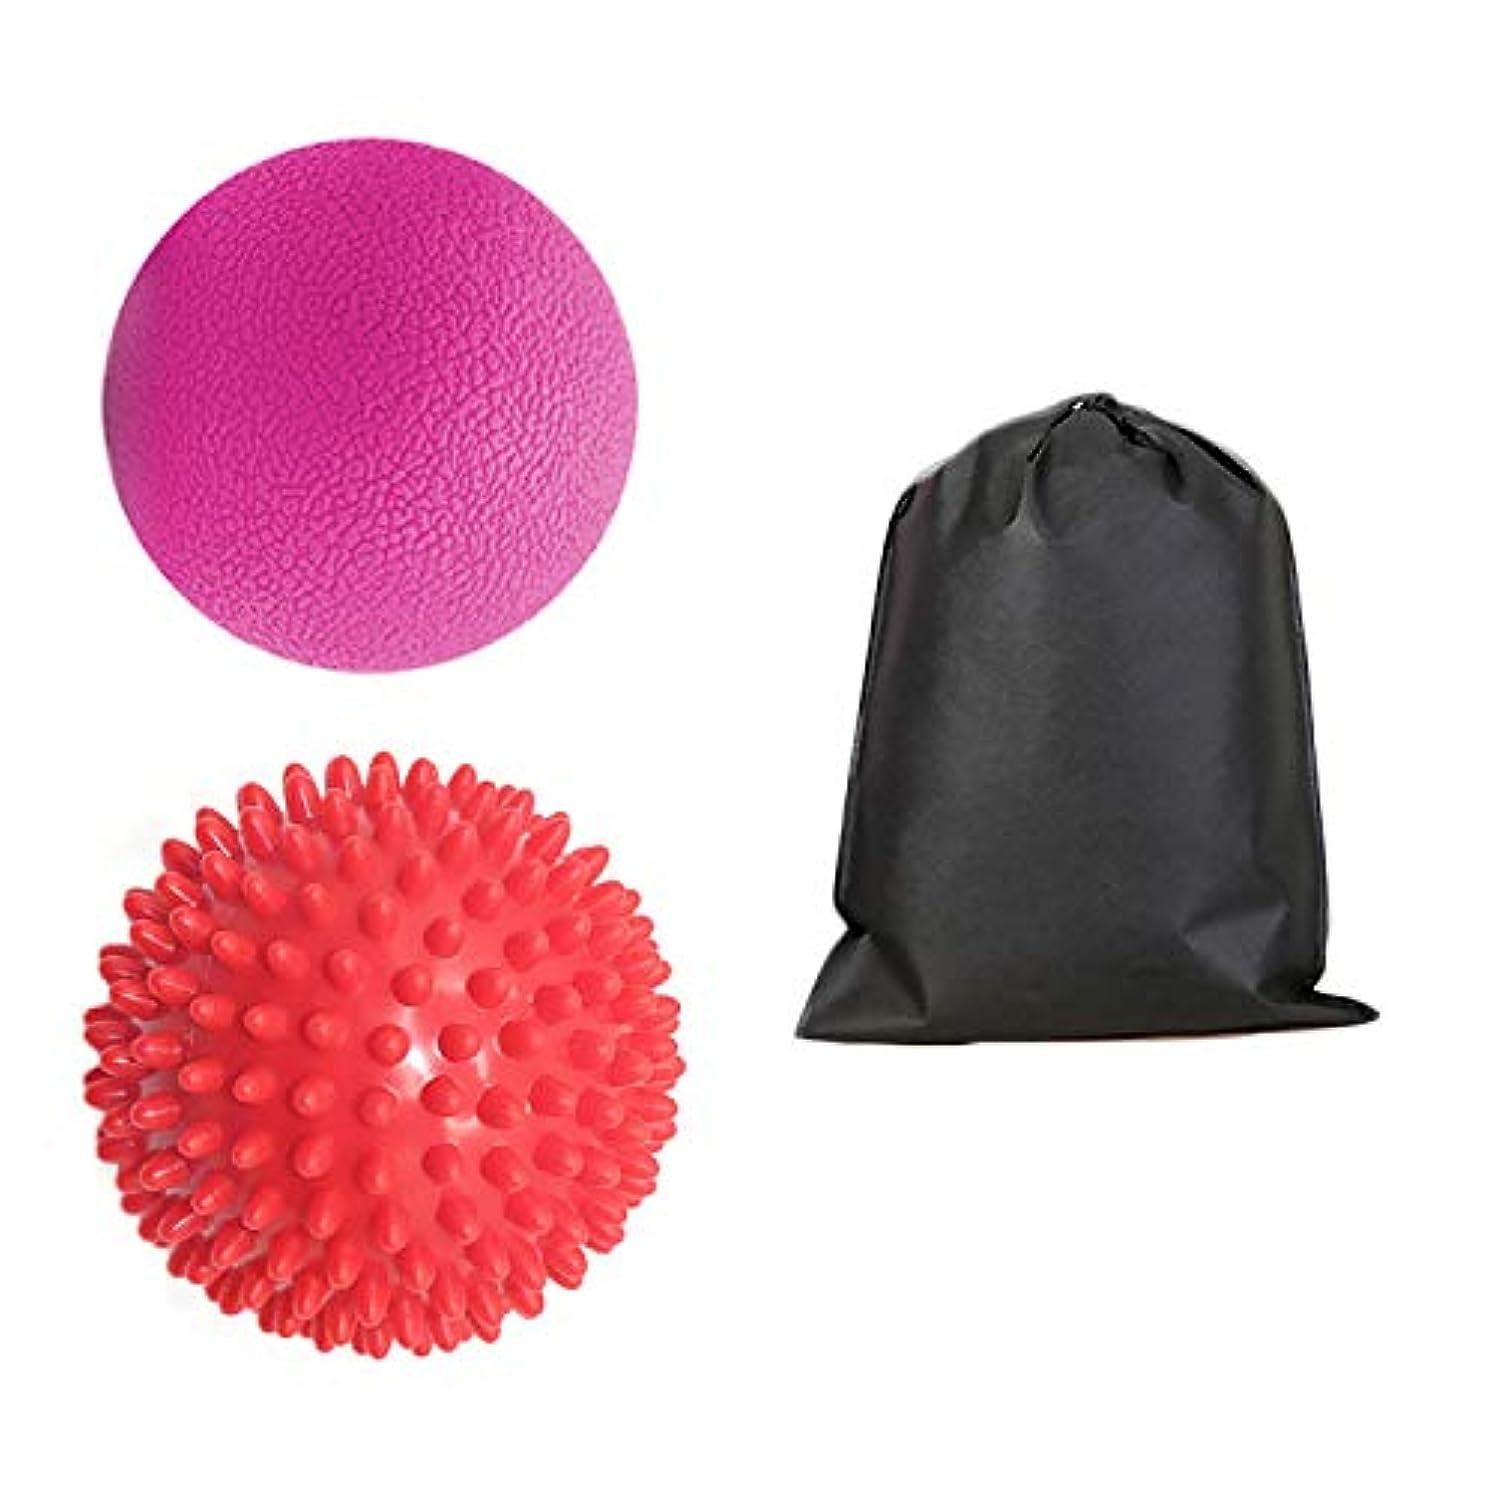 食欲ピービッシュかごMigavan 1個マッサージボールマッサージボールローラーマッサージボール+ 1袋スパイクマッサージローラーボールマッサージと収納バッグ